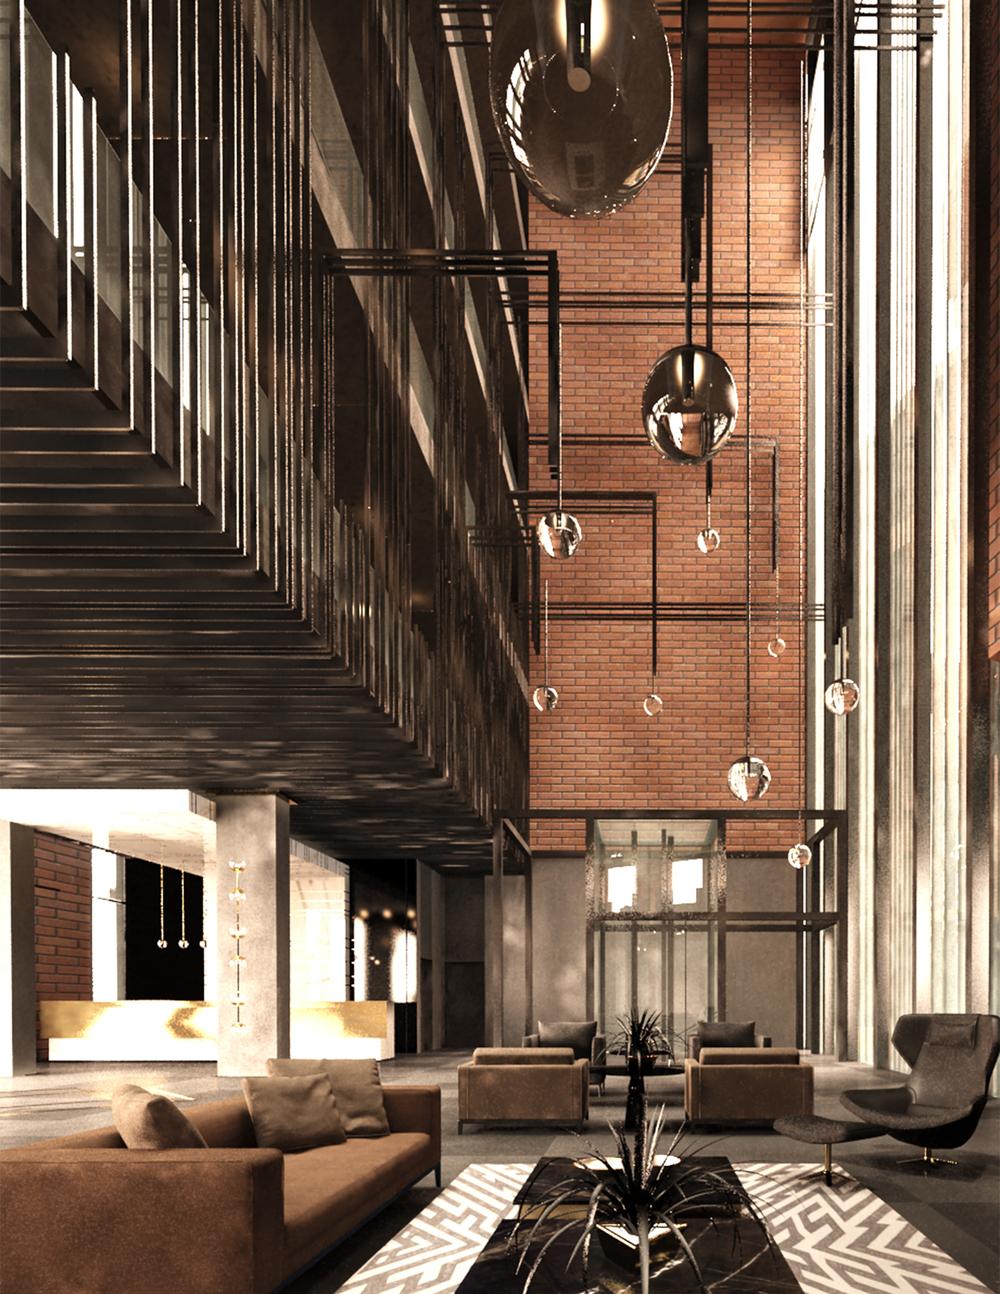 Bureau DoubleTree by Hilton